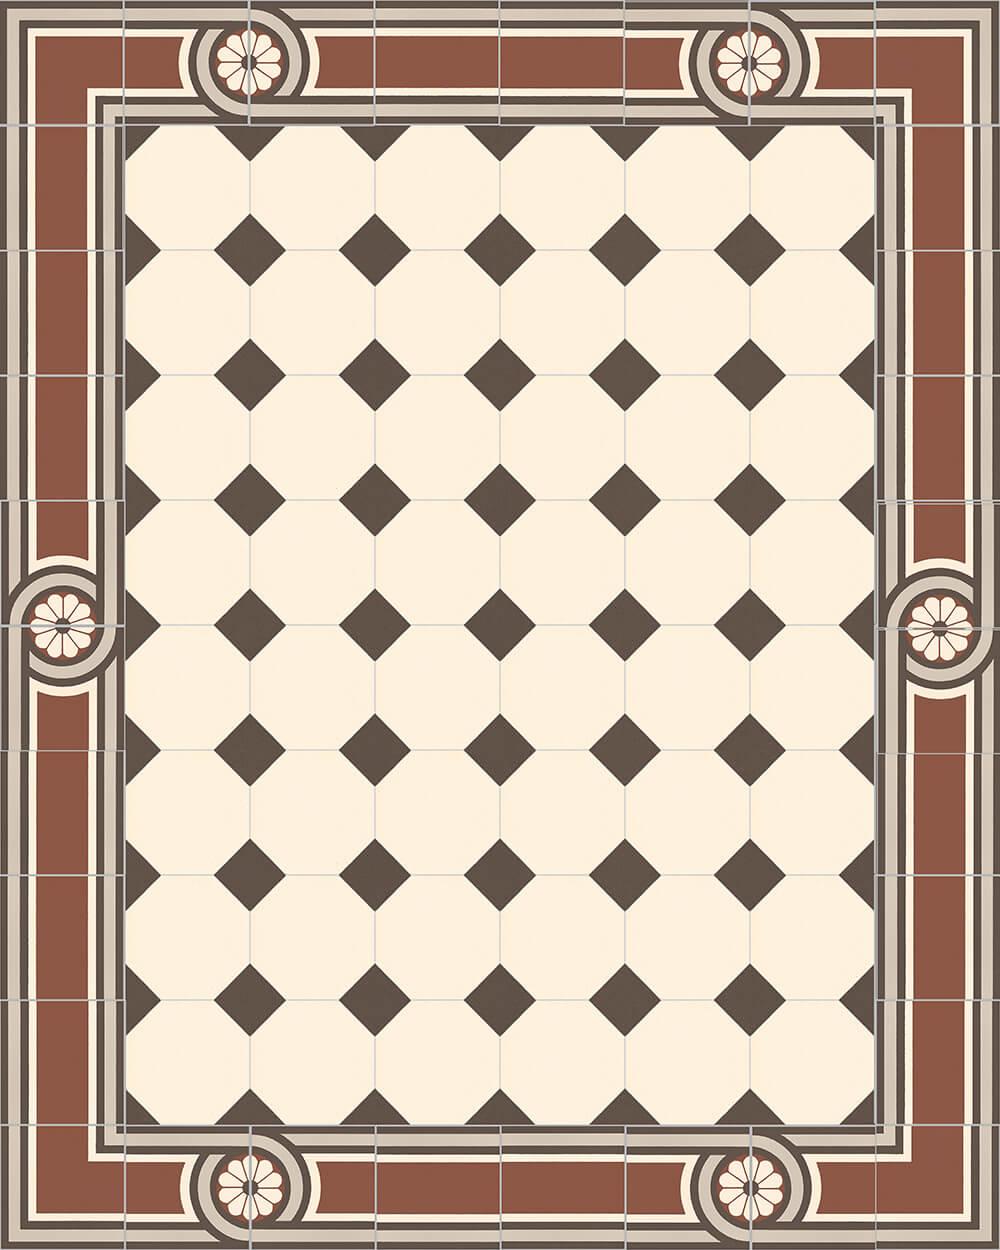 golem kunst und baukeramik gmbh verlegebeispiel sf 80a 1. Black Bedroom Furniture Sets. Home Design Ideas